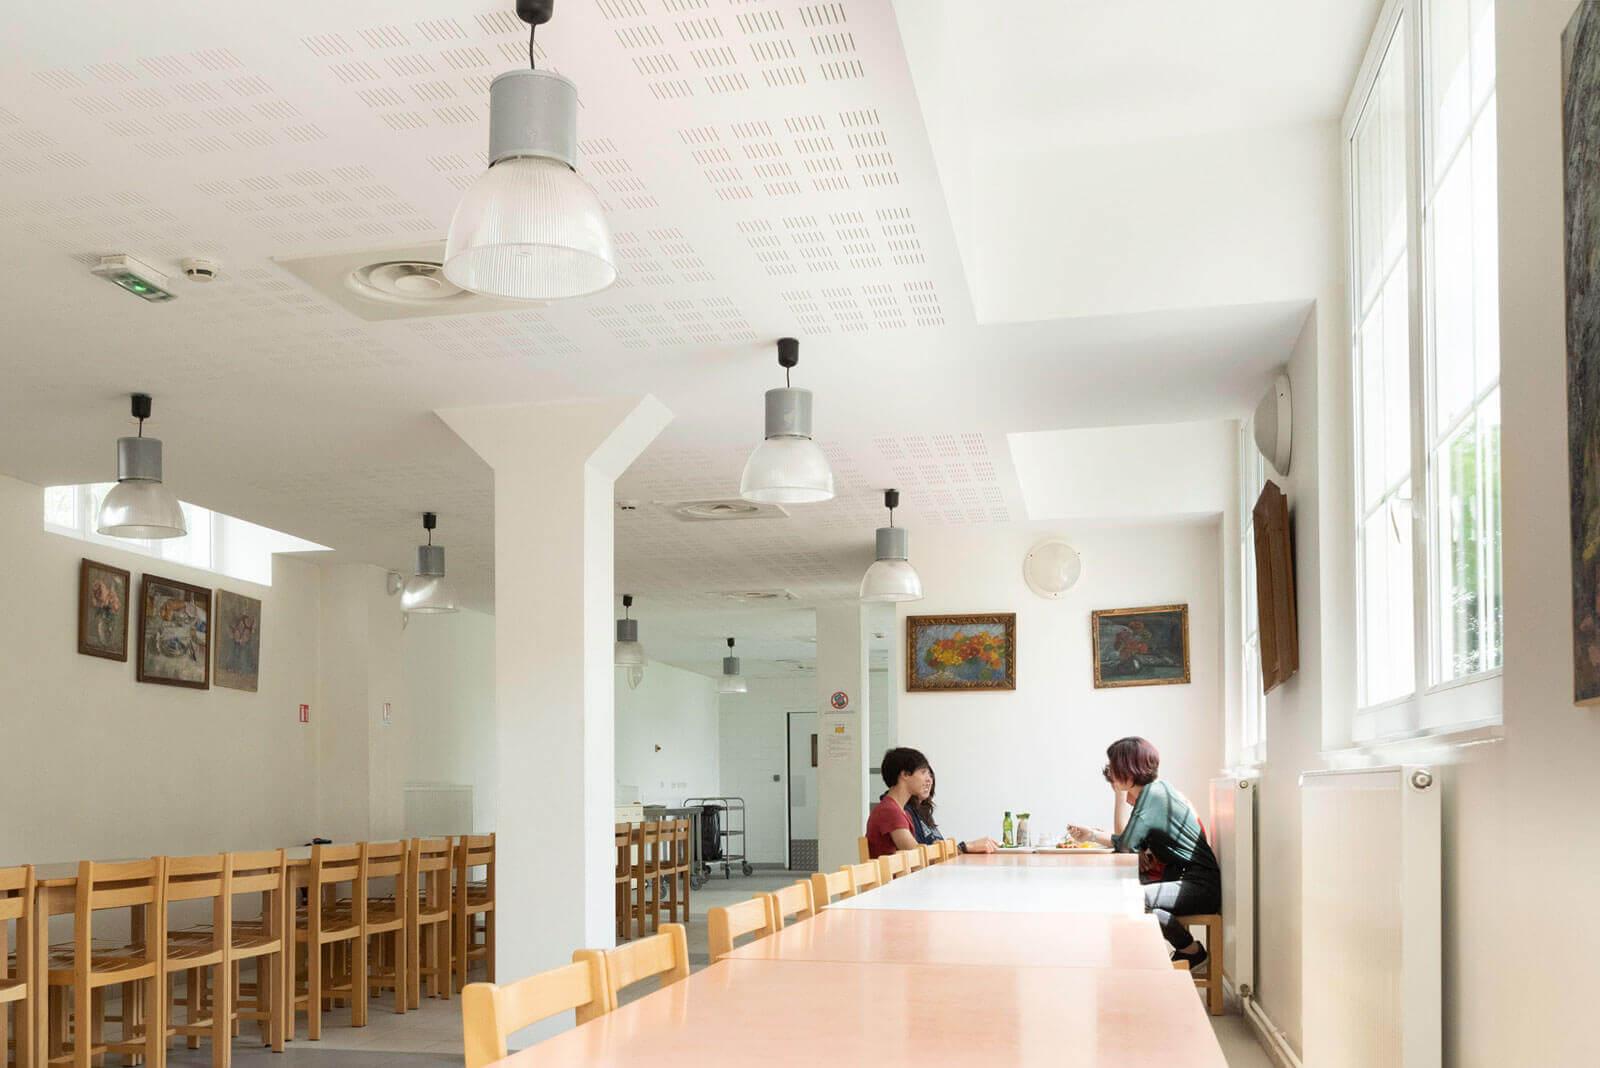 Salle à manger - Foyer étudiant Les Enfants des Arts